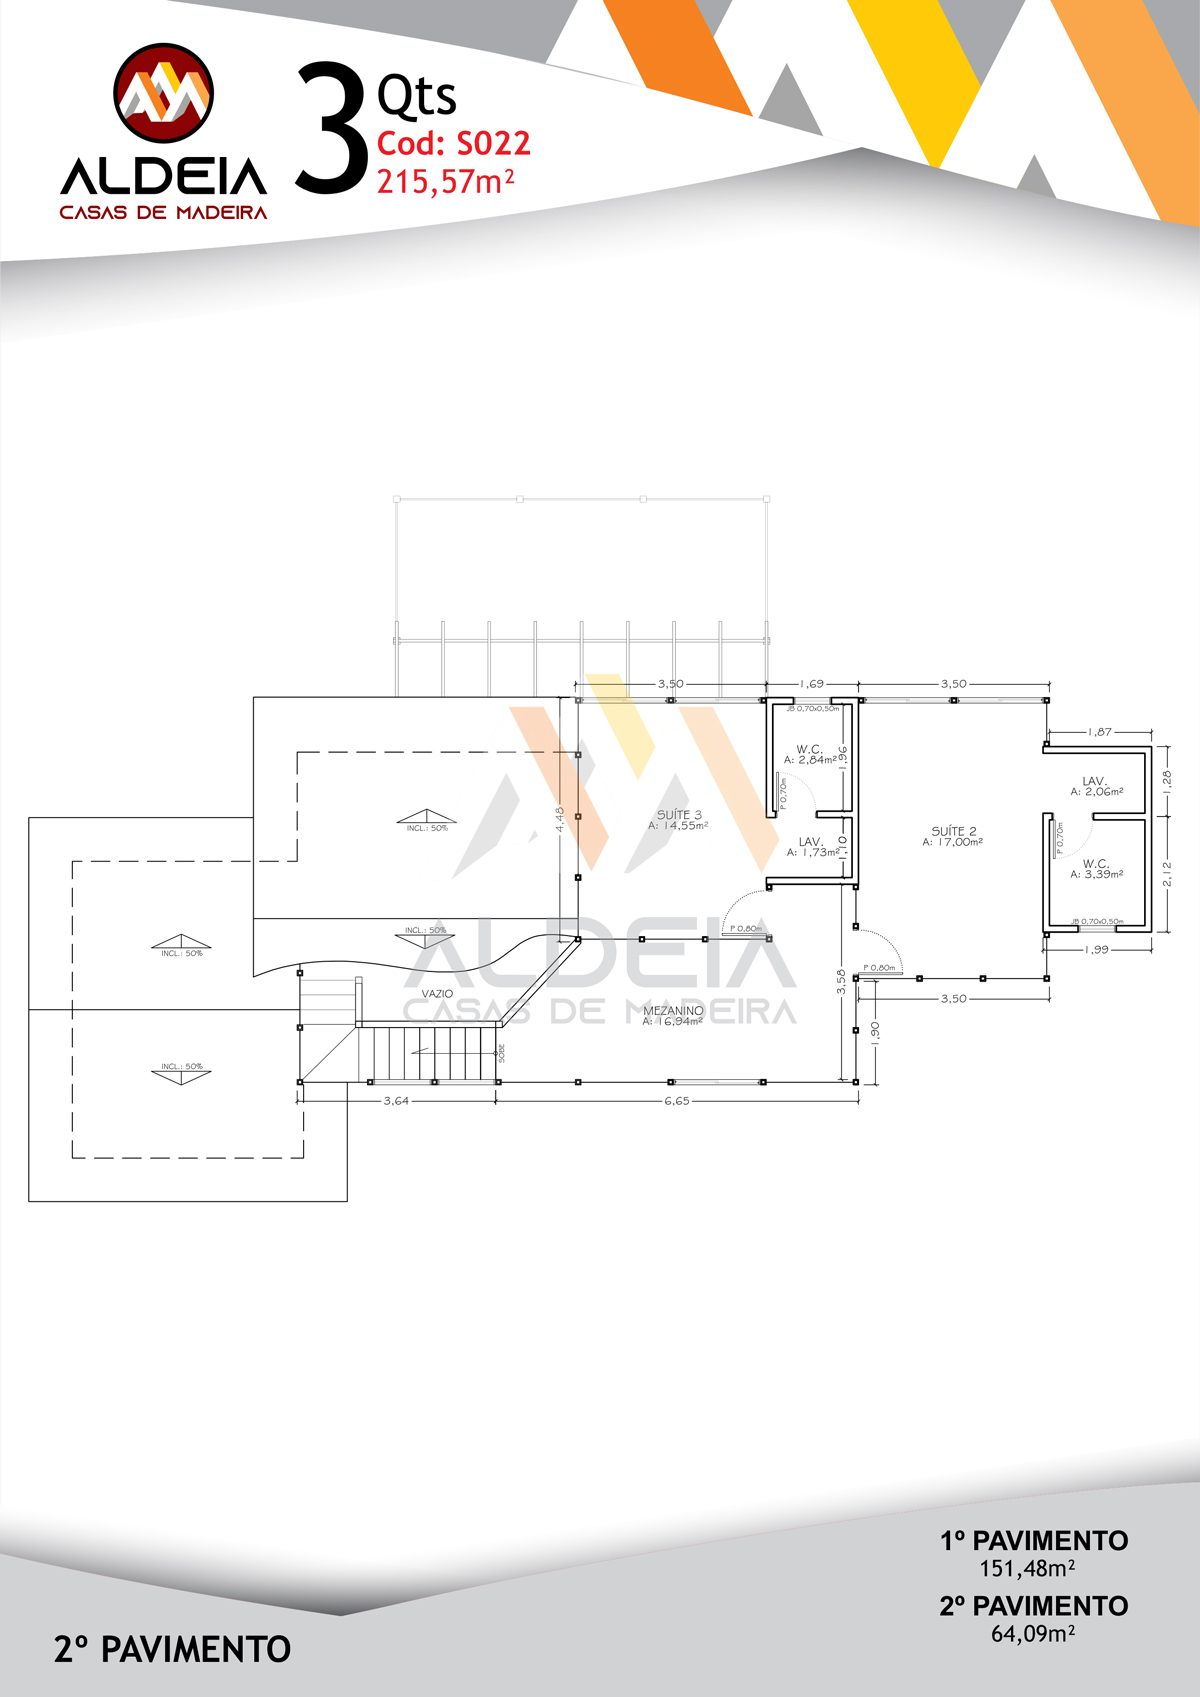 aldeia-casas-madeira-arquitetura-S022-2